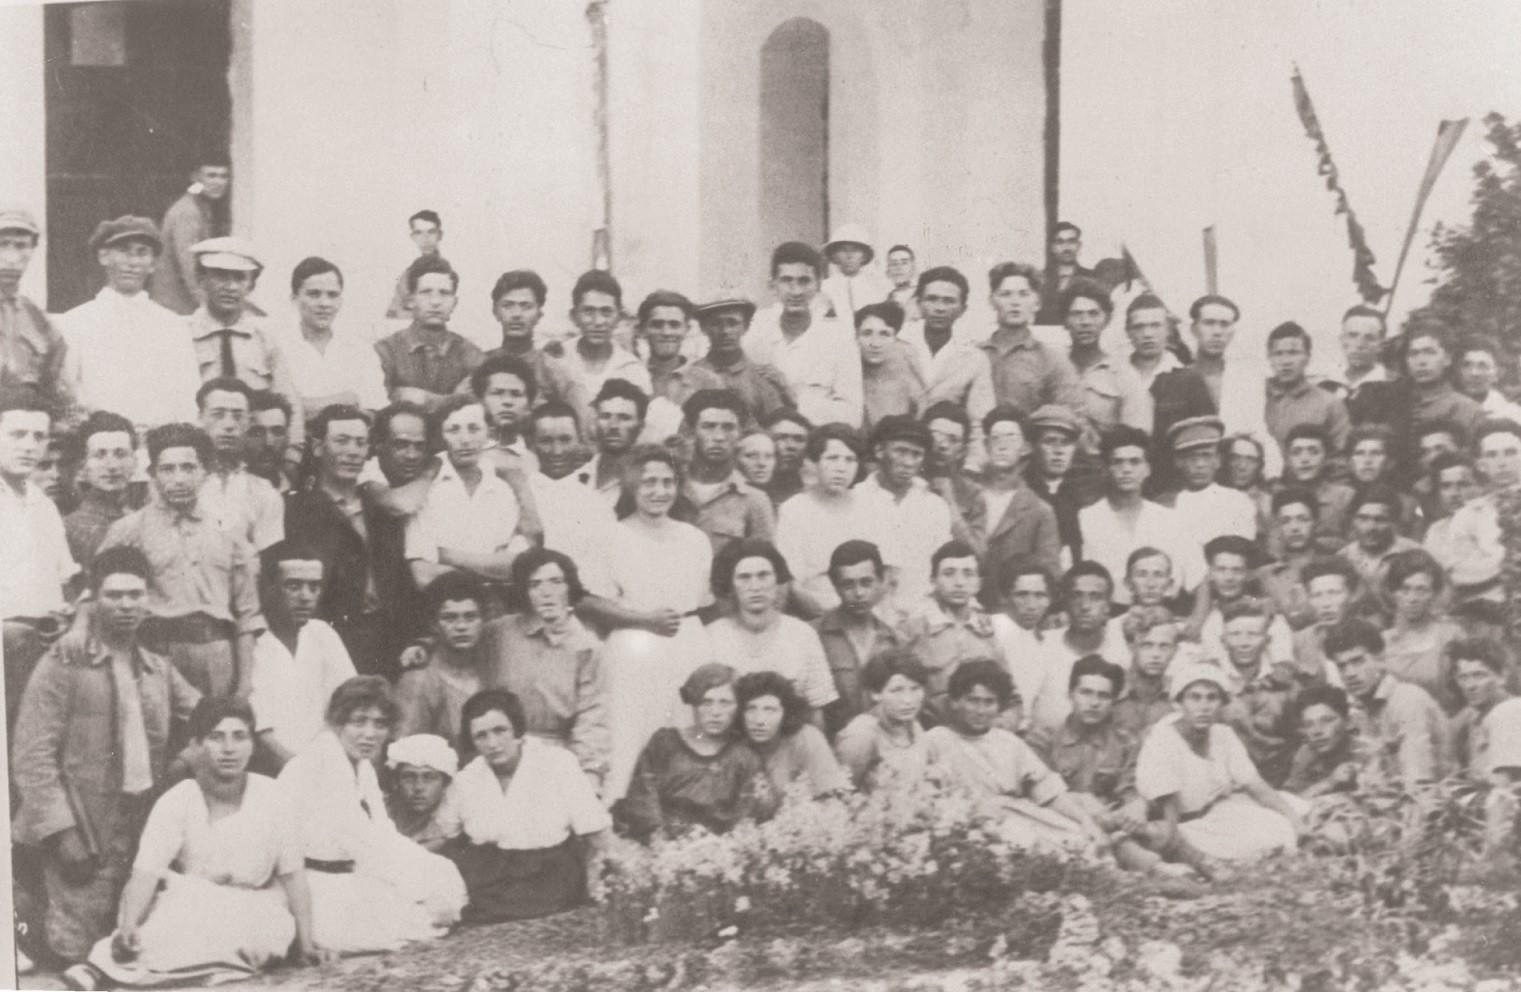 צילום משותף של קיבוץ שומריה וקבוצת ביתניה עילית